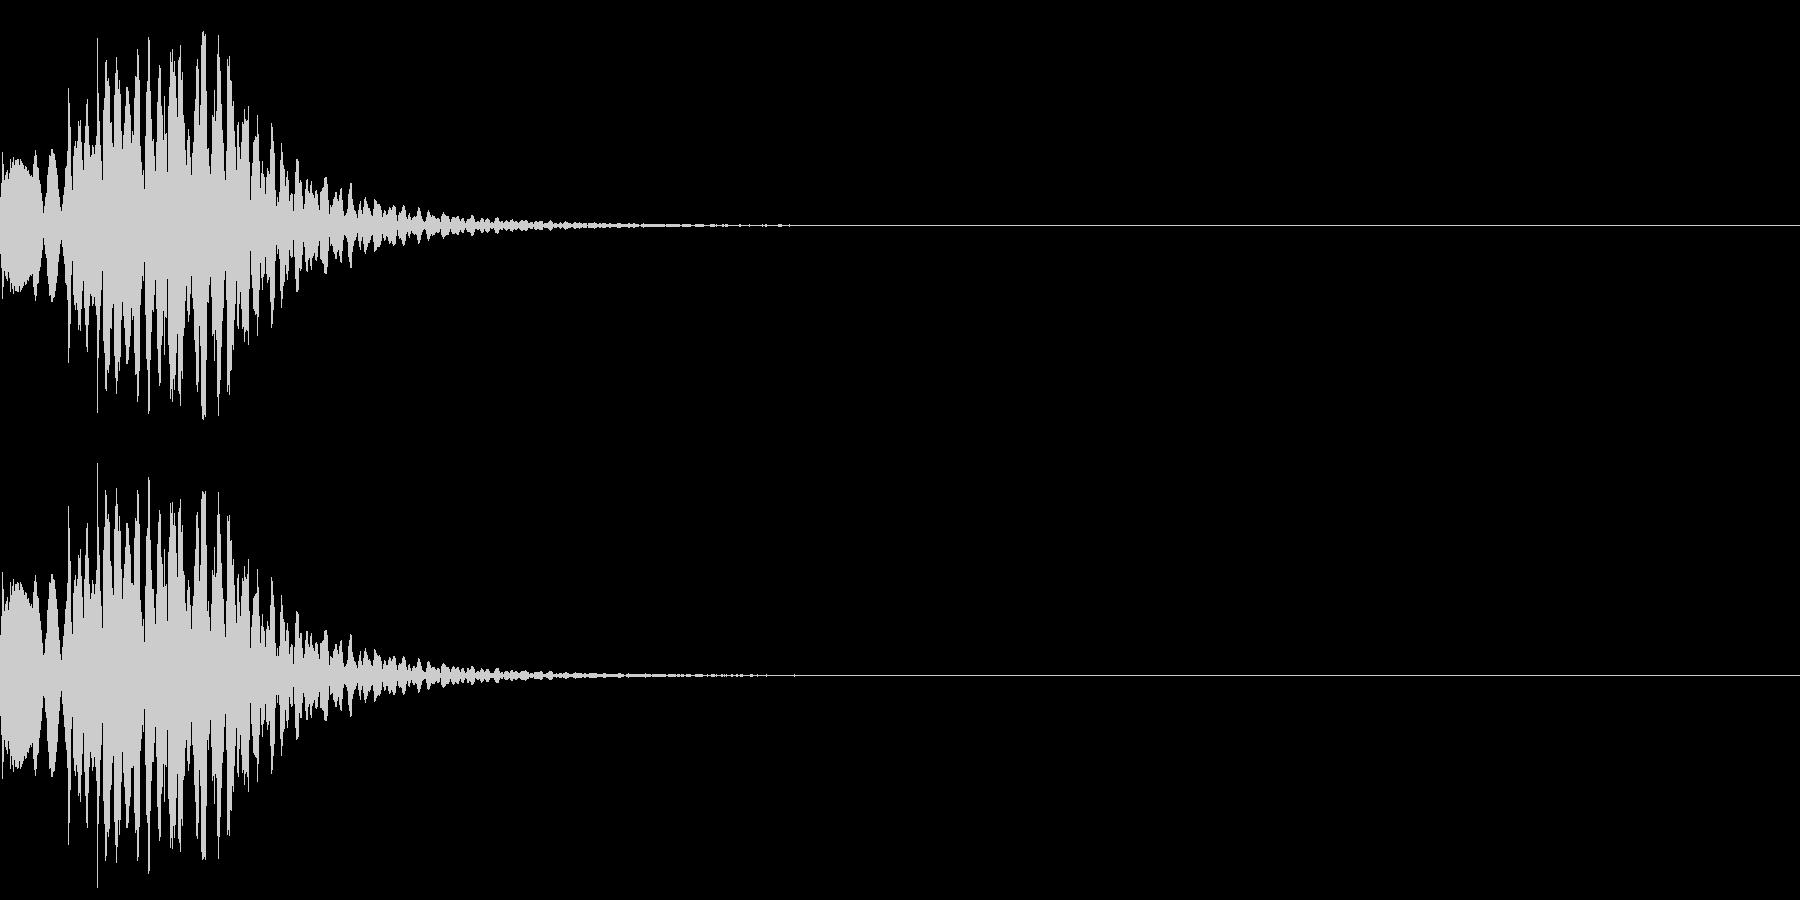 ドルルル(感情:汗)の未再生の波形